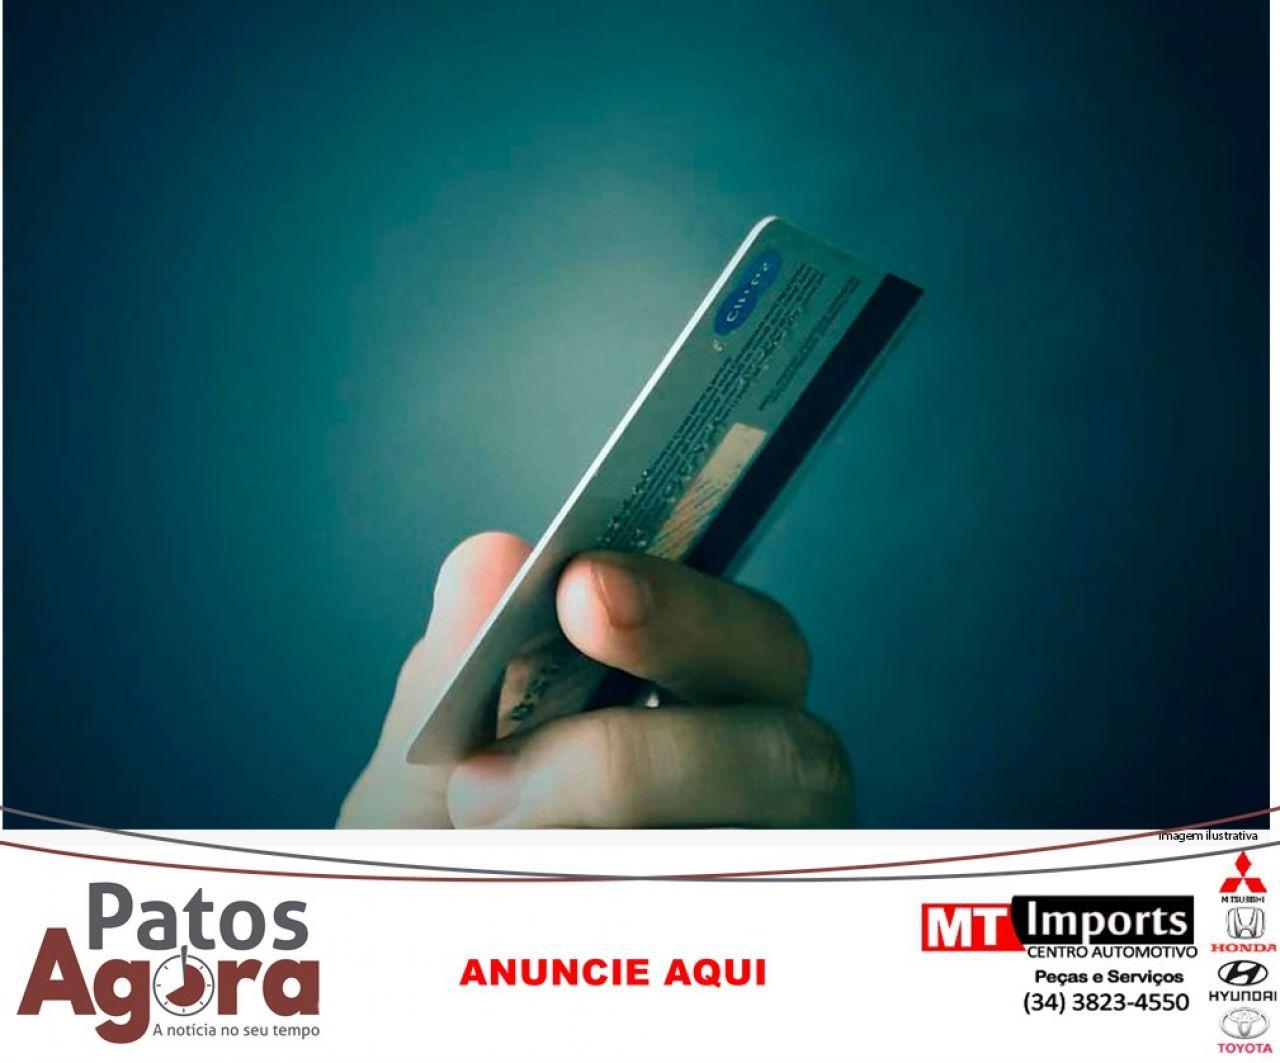 Compras com cartão furtado geram indenização a cliente